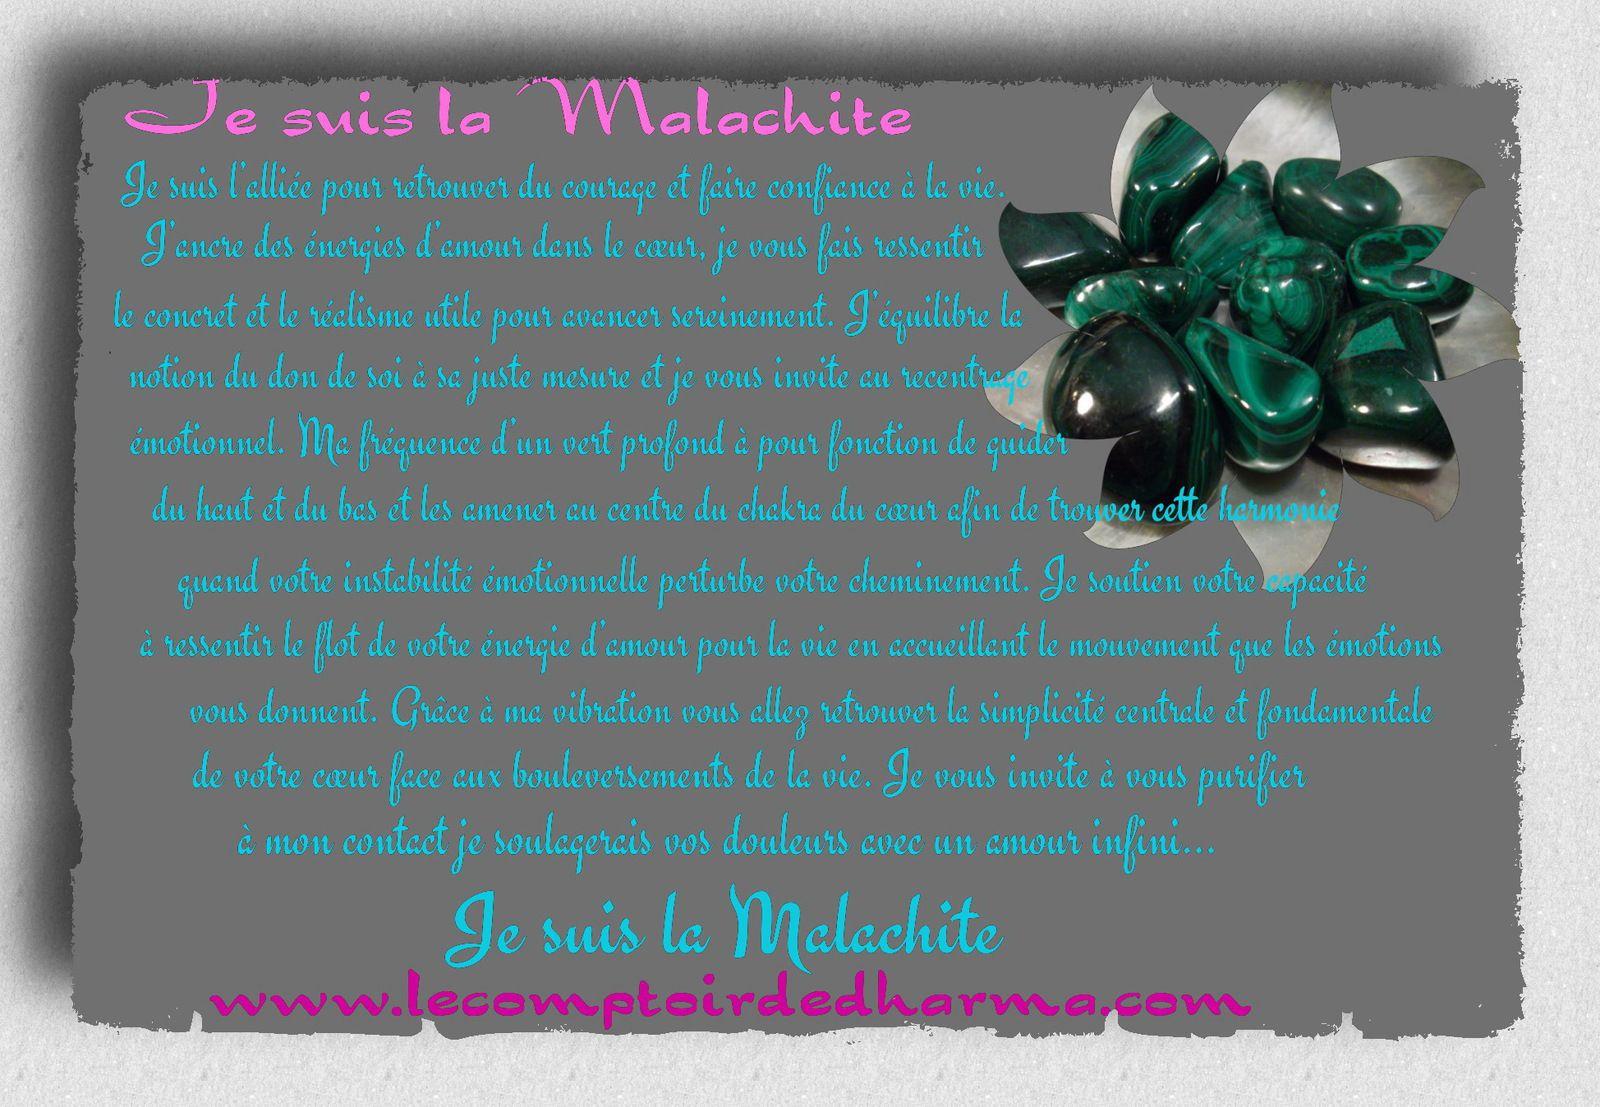 La Malachite